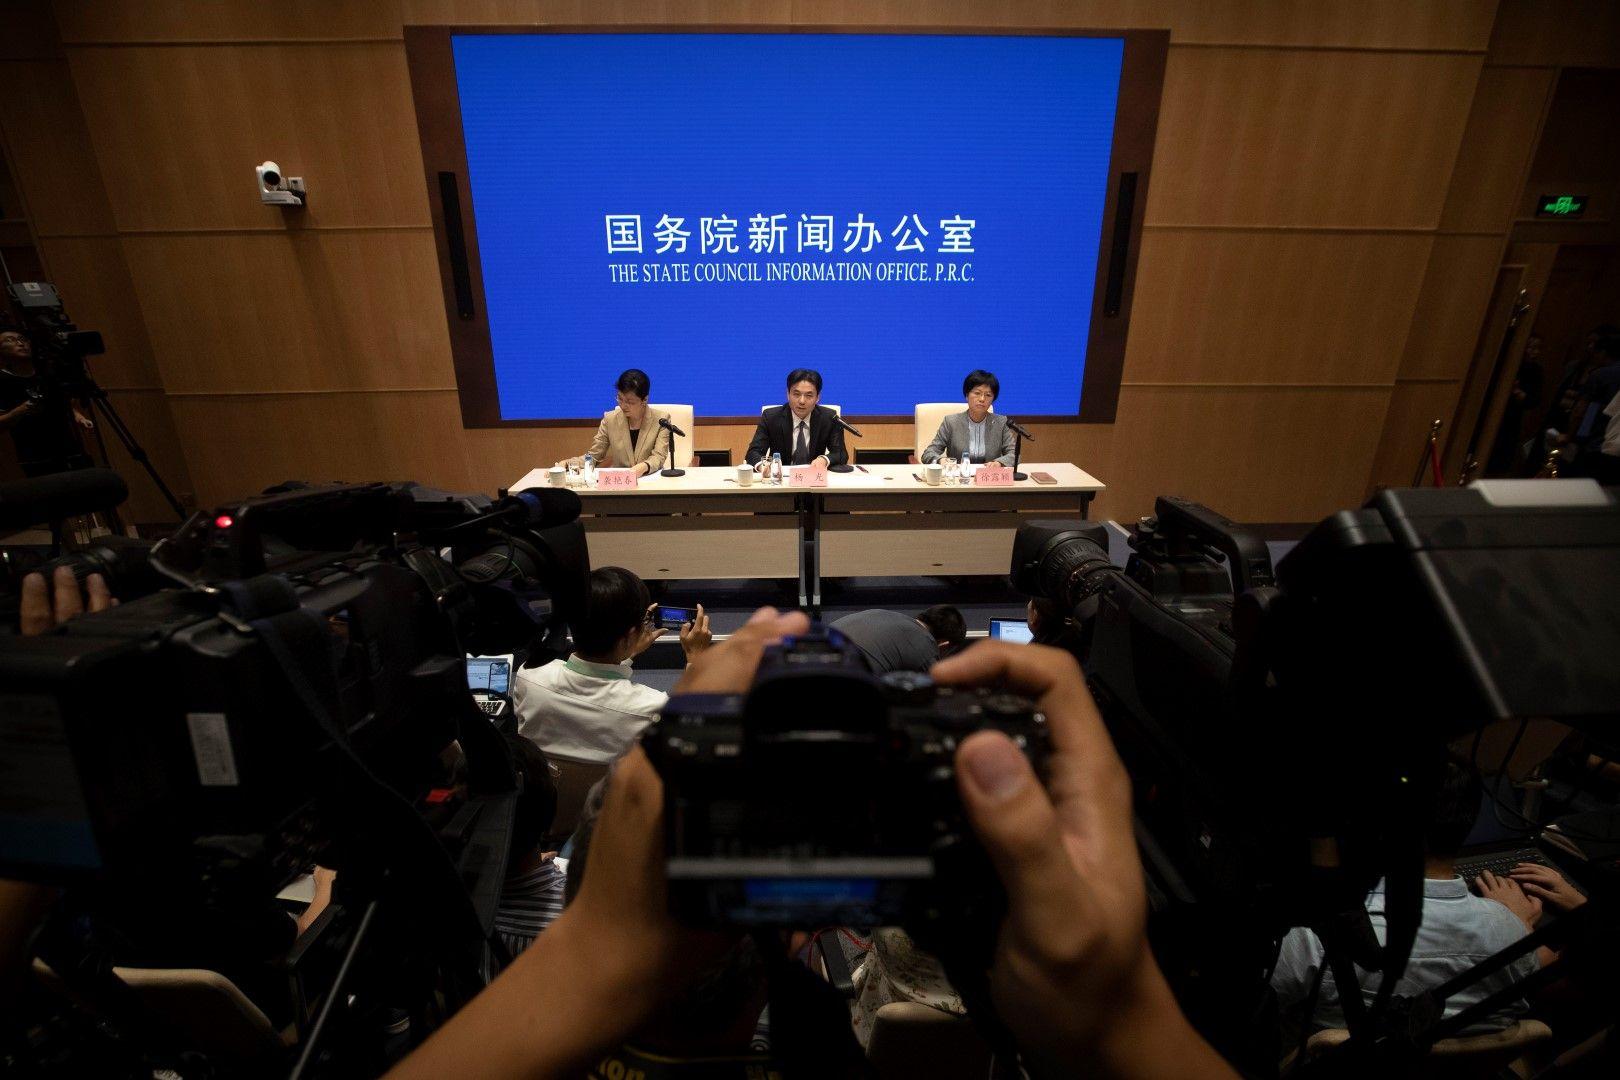 Ян Гуанг - говорител на Службата по въпросите на Хонконг и Макао на китайското правителство, предупреждава гражданите на Хонконг